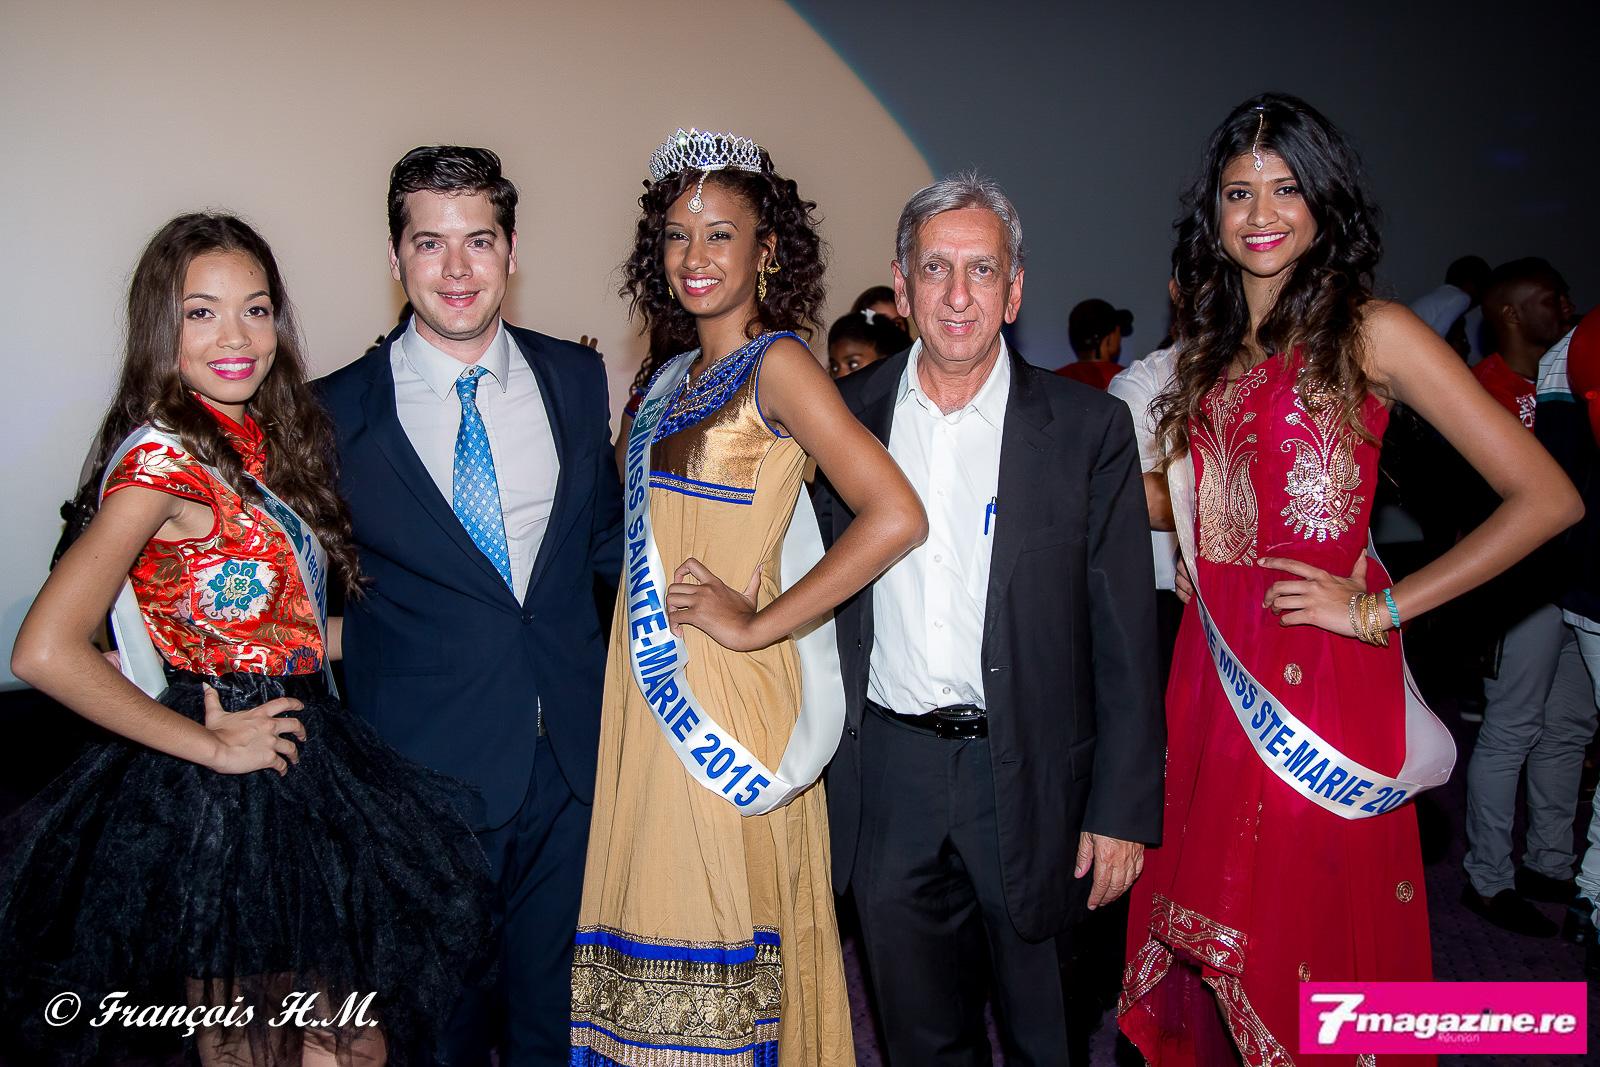 Les lauréates avec Grégoire Cordeboeuf, le président du CSM, et Aziz Patel du Comité Miss Réunion